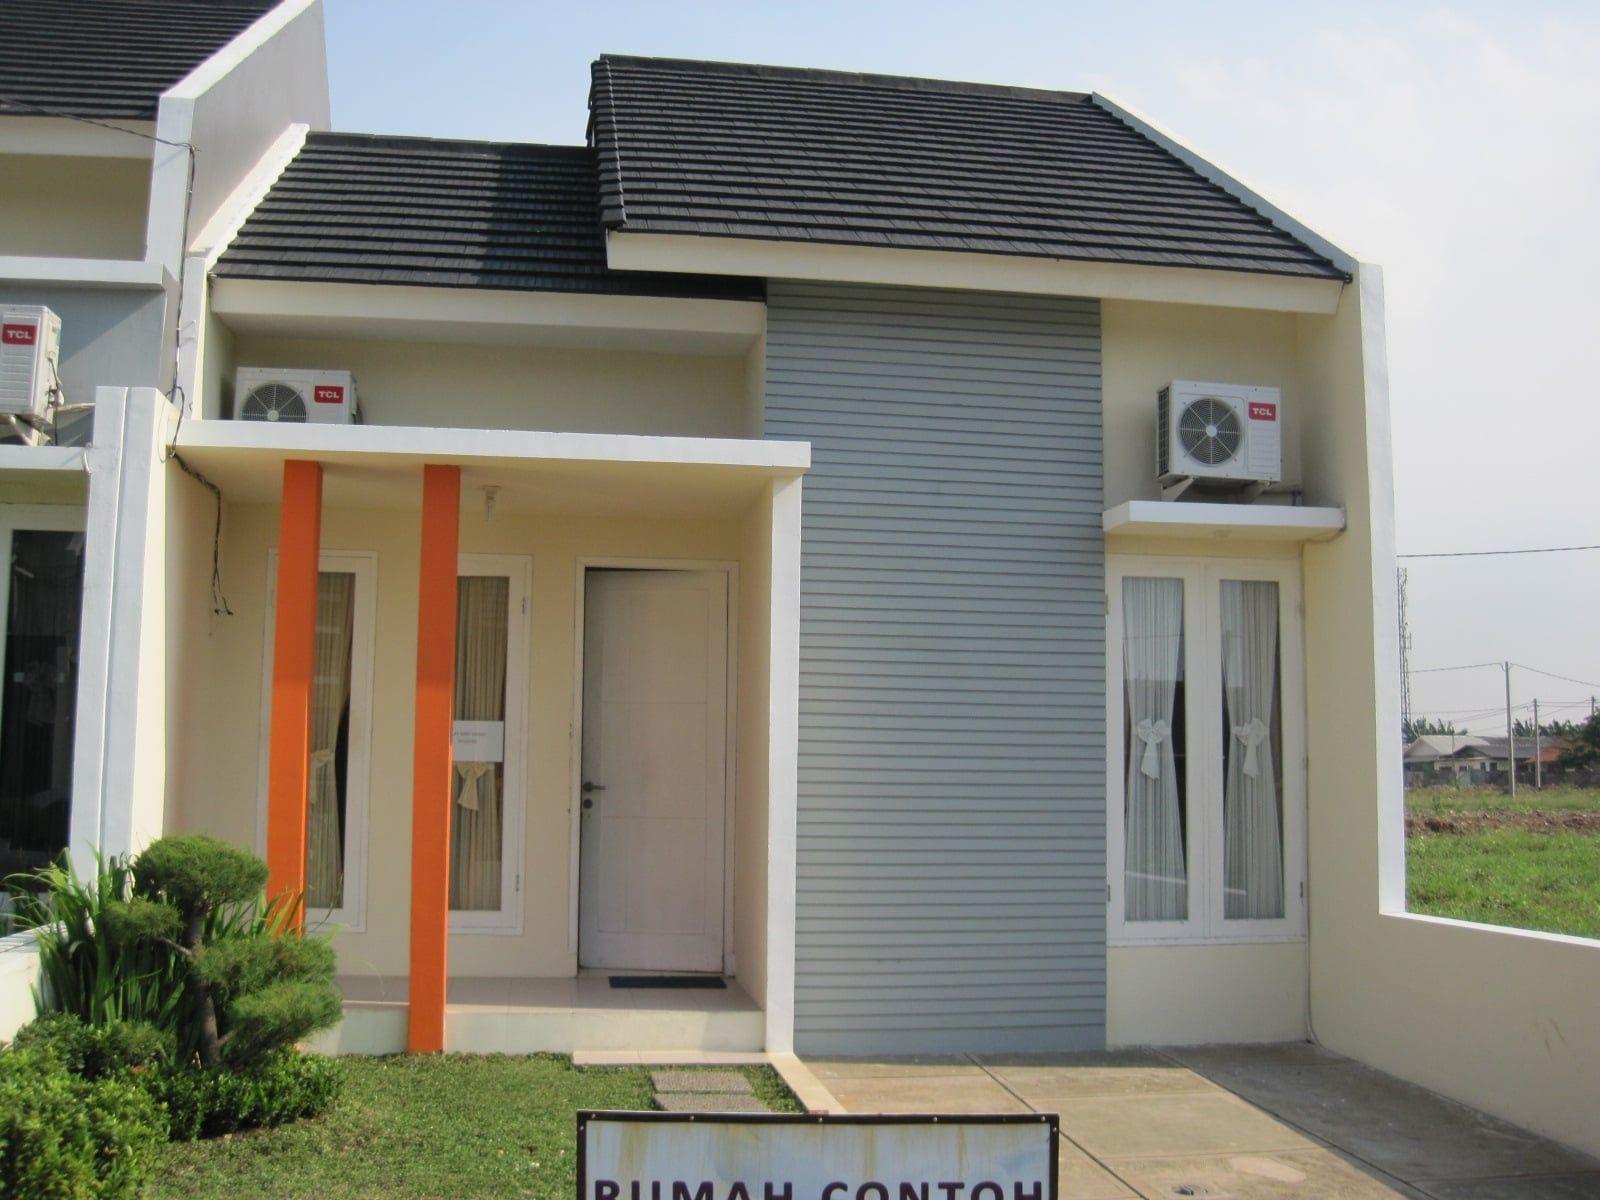 Contoh Depan Rumah Minimalis Rumah Minimalis Rumah Desain Rumah Minimalis